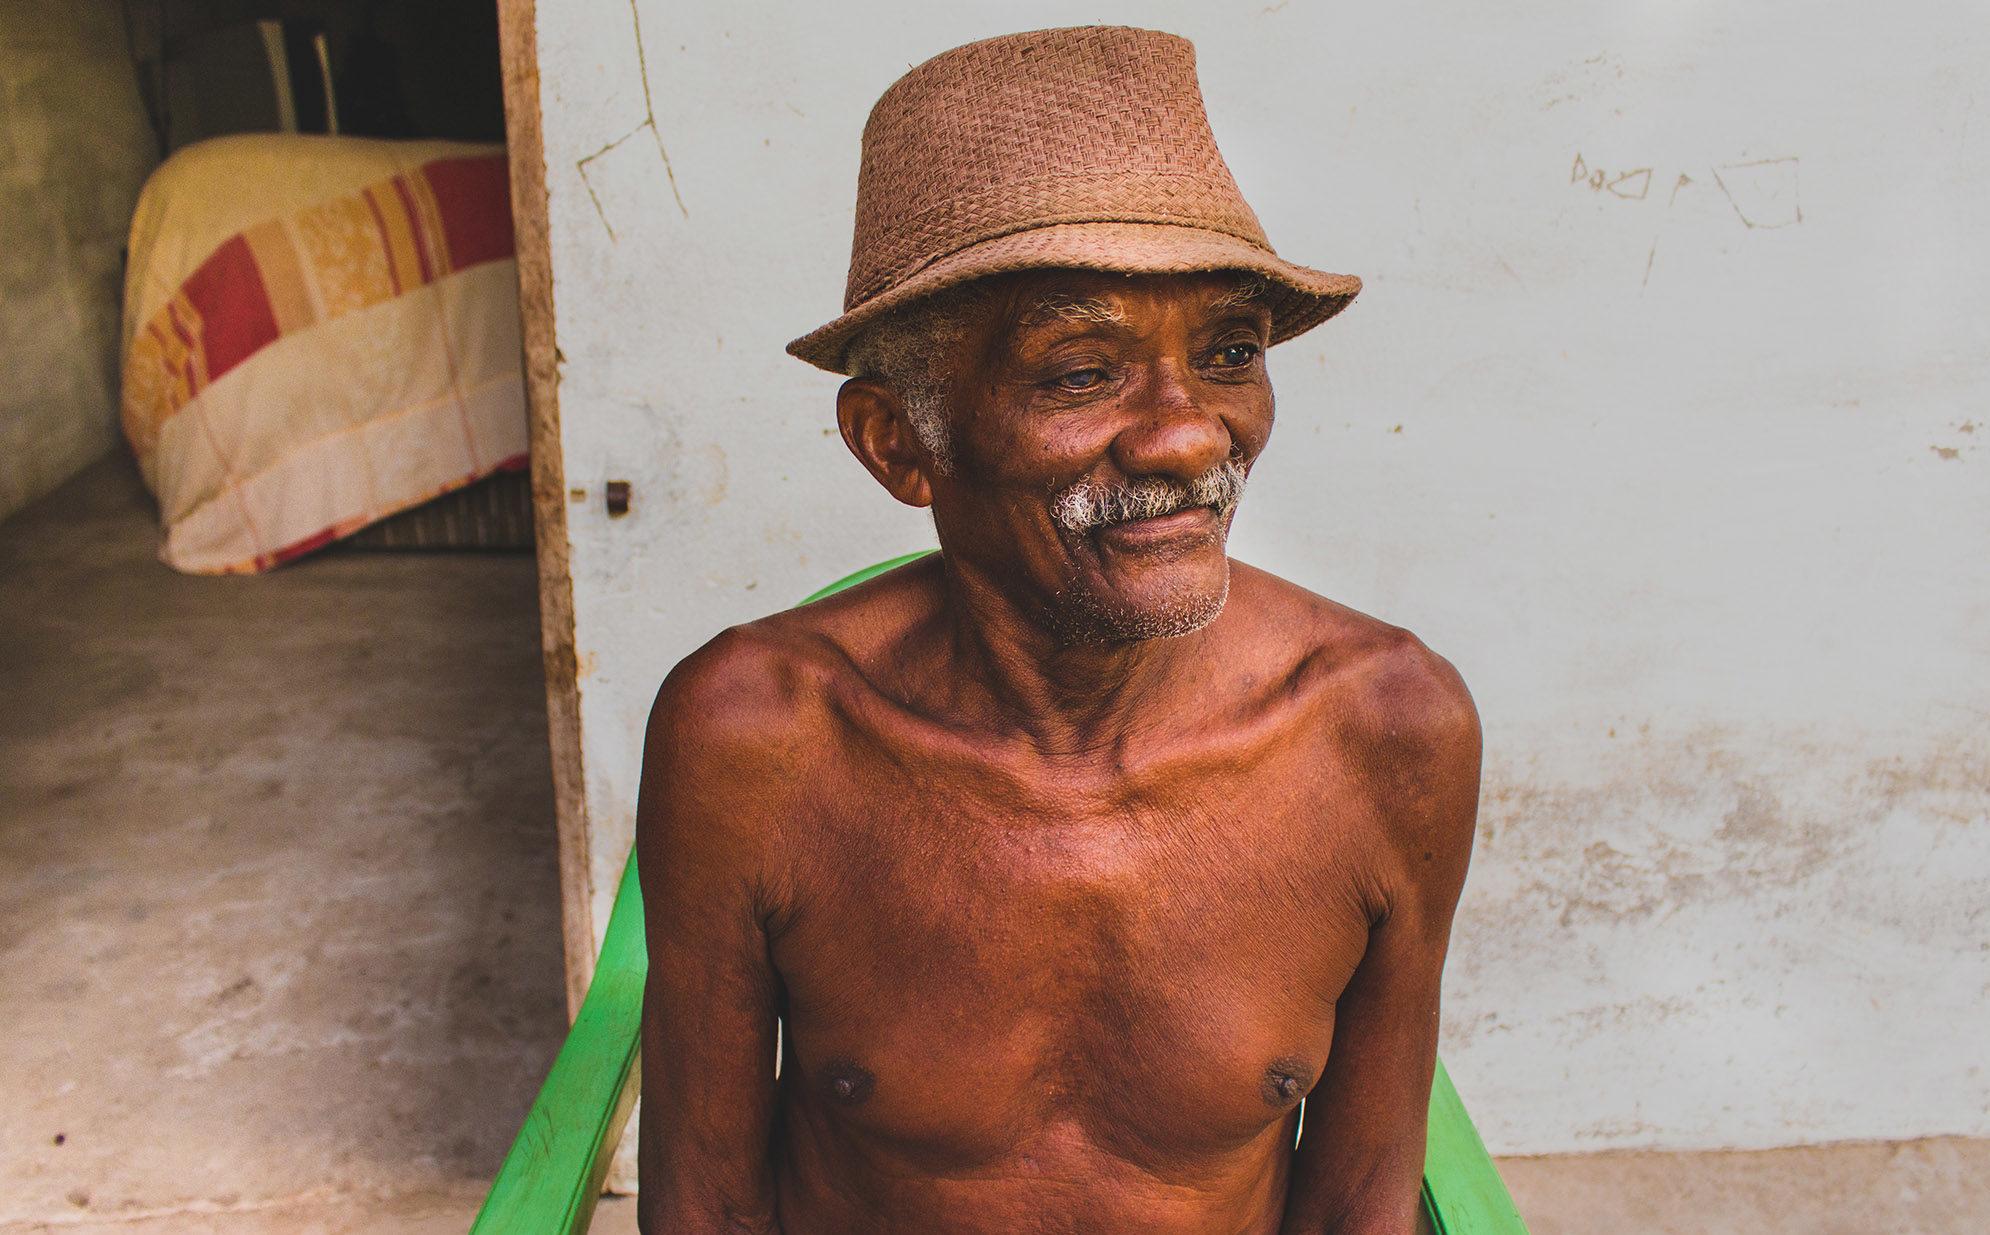 DNIT prevê remoção de casas em território quilombola sem consultar a população, no Maranhão